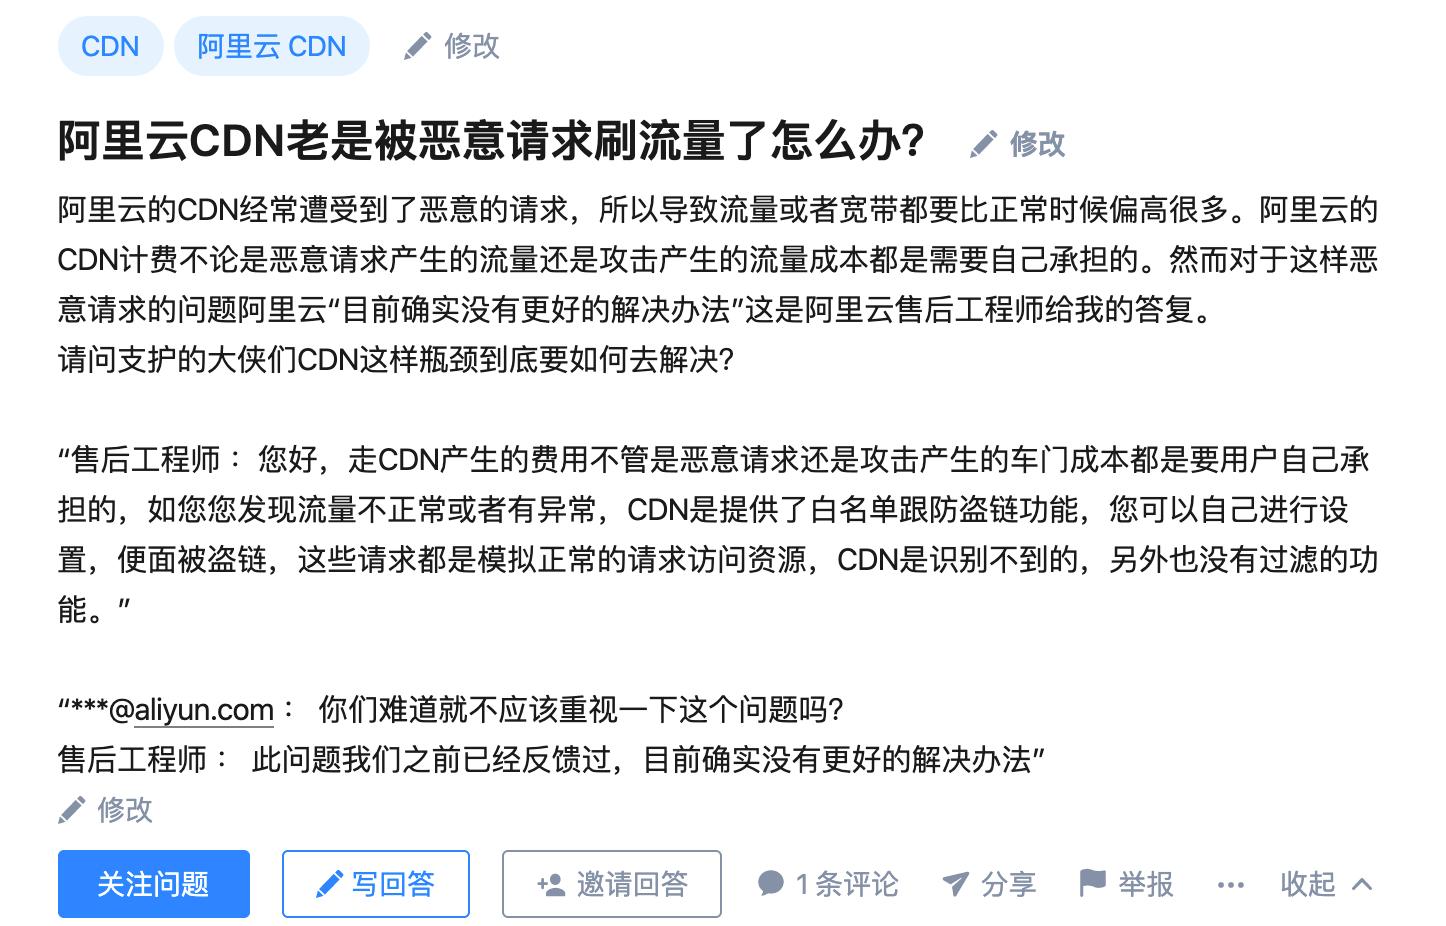 使用如下姿势预防阿里云 CDN 产生天价账单-米饭粑